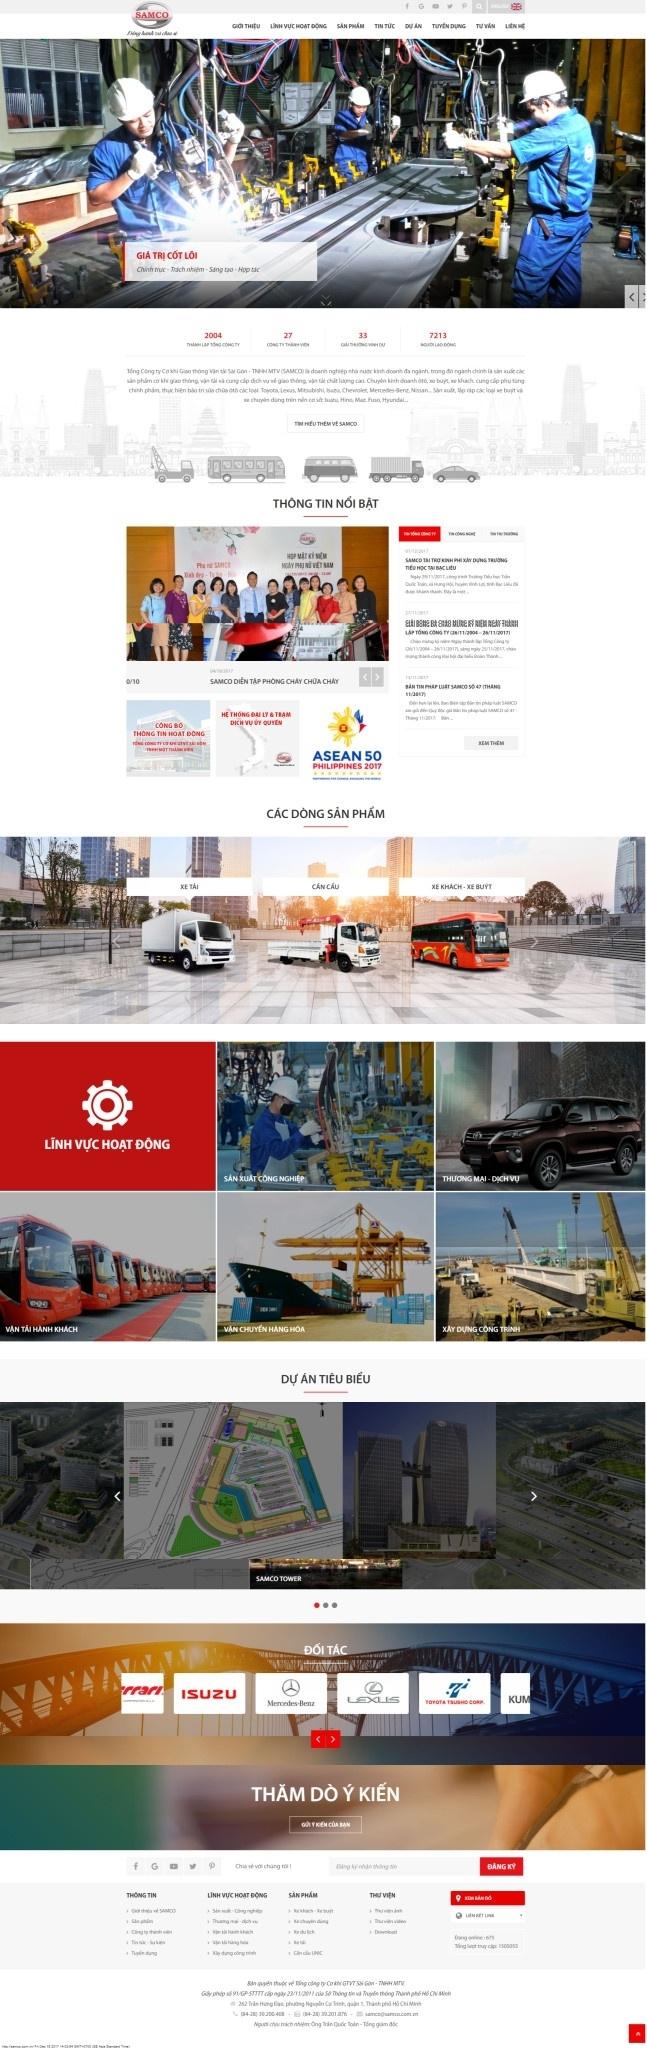 Thiết kế web doanh nghiệp công ty Samco